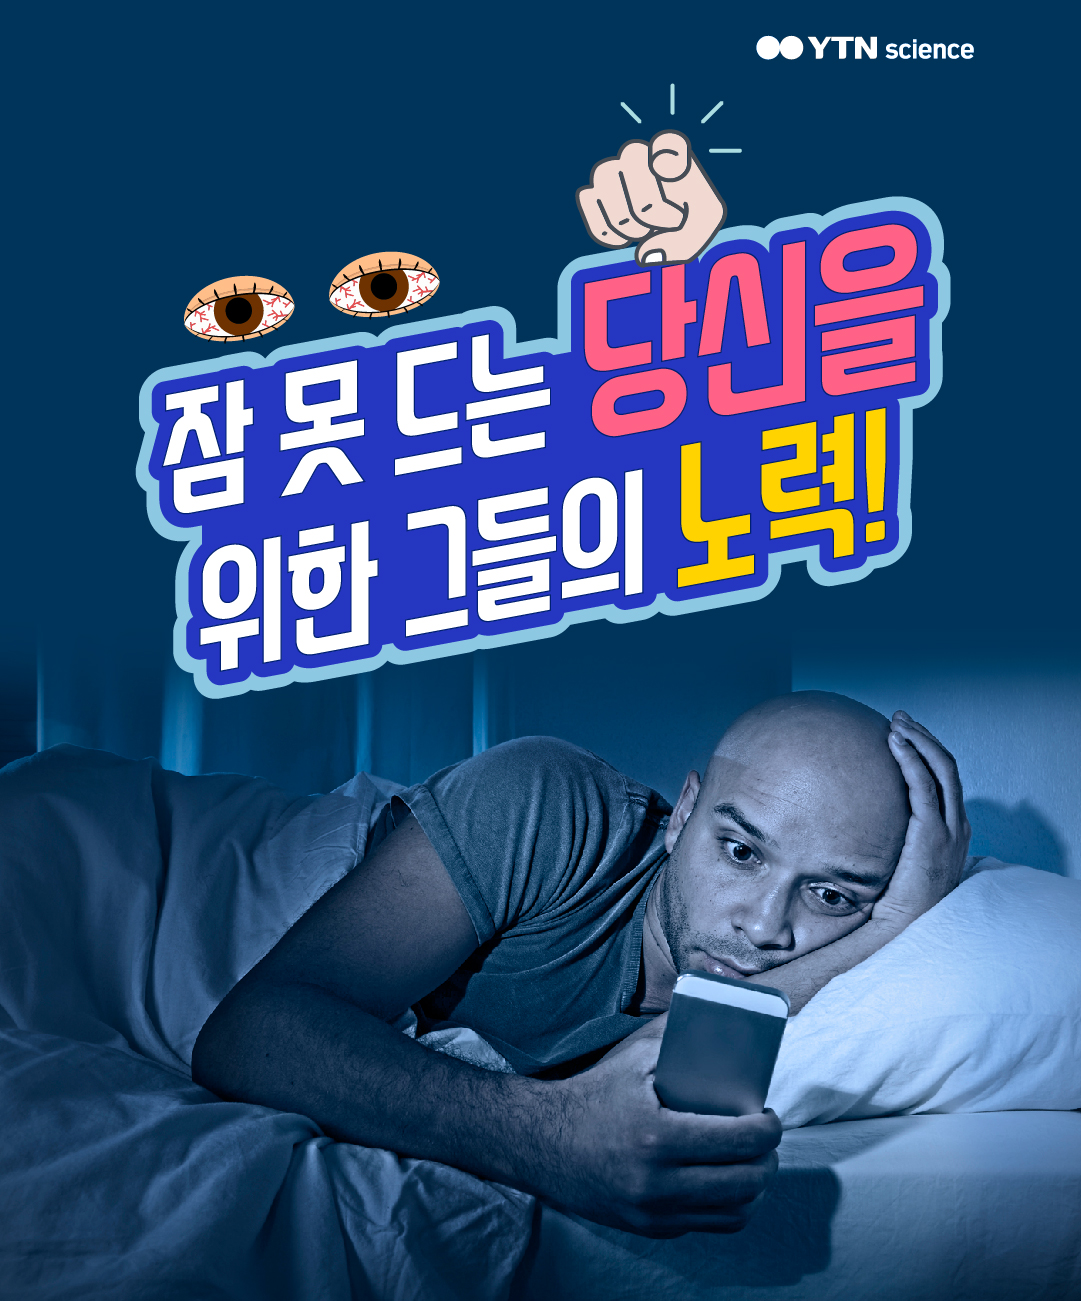 잠 못 드는 당신을 위한 그들의 노력! 이미지